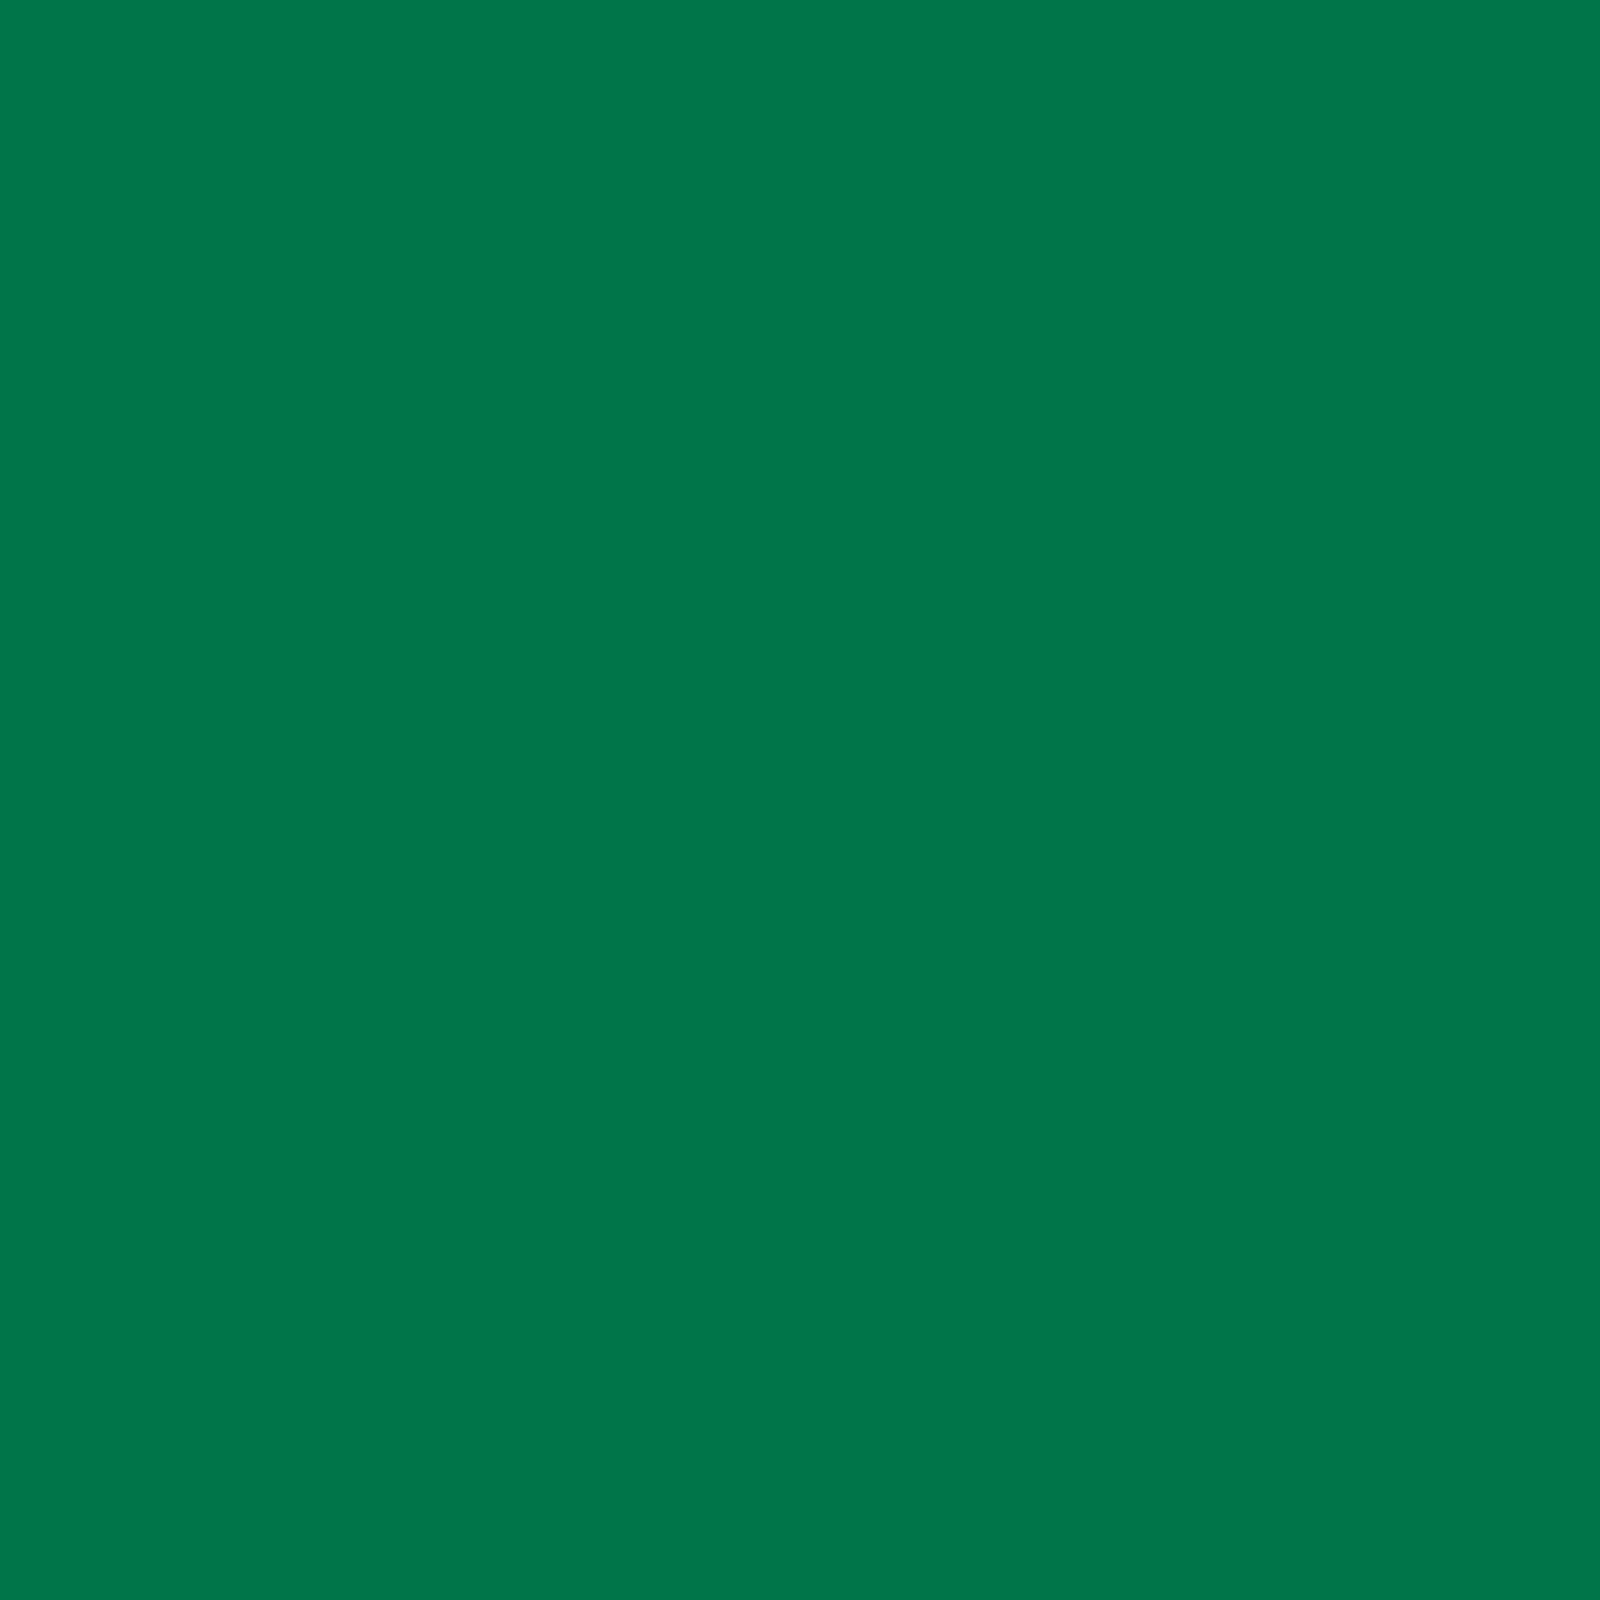 kobra verde brad